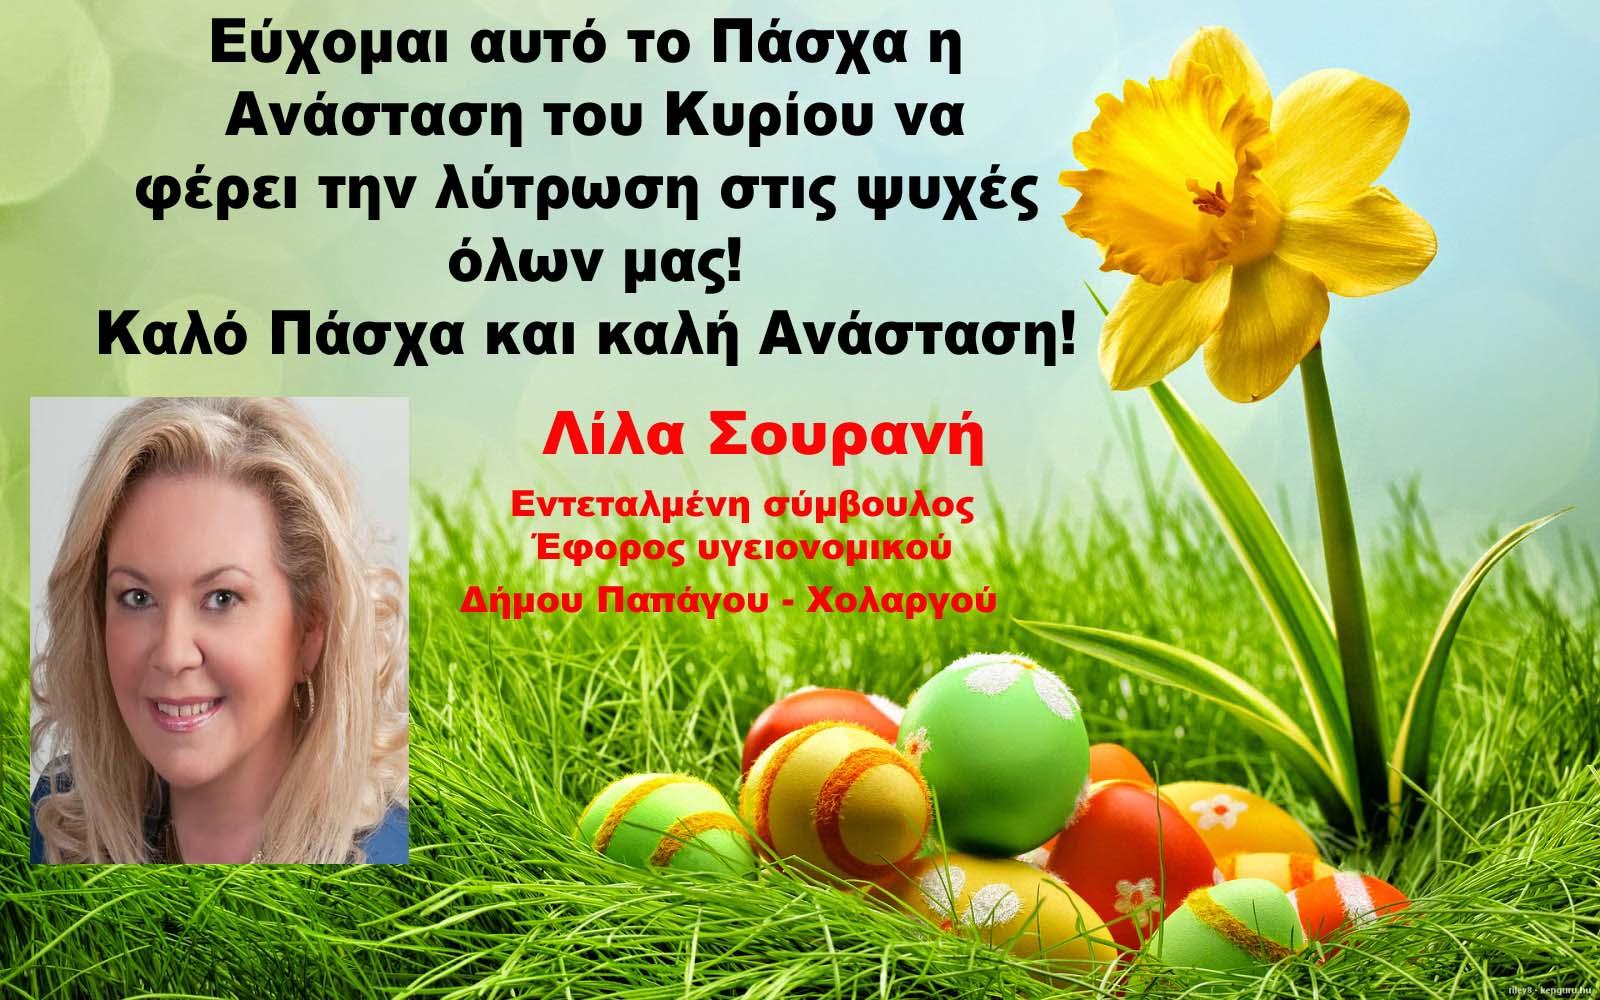 Καλό Πάσχα από την Λίλα Σουρανή σύμβουλο Παπάγου -Χολαργού